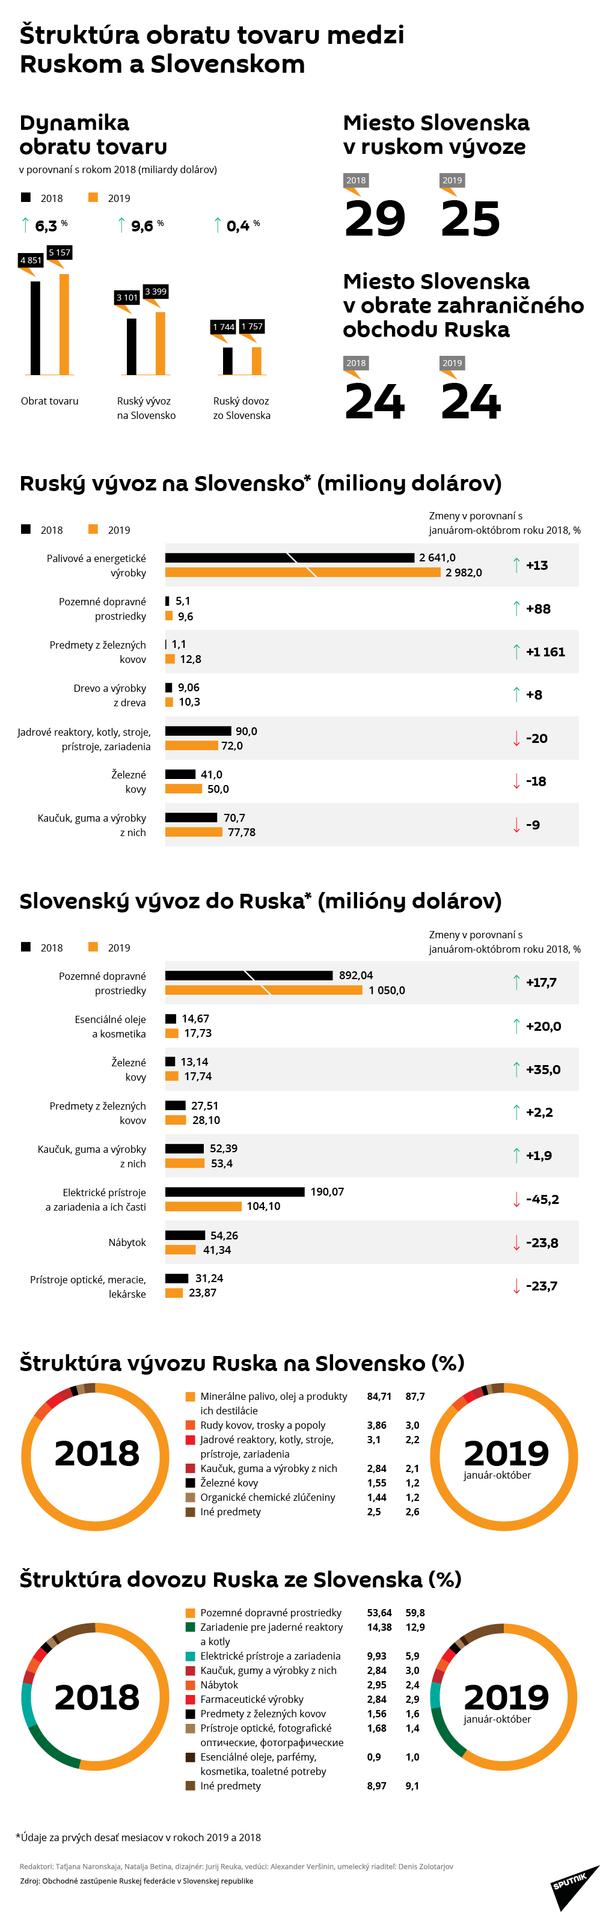 Štruktúra obratu tovaru medzi Ruskom a Slovenskom - Sputnik Česká republika